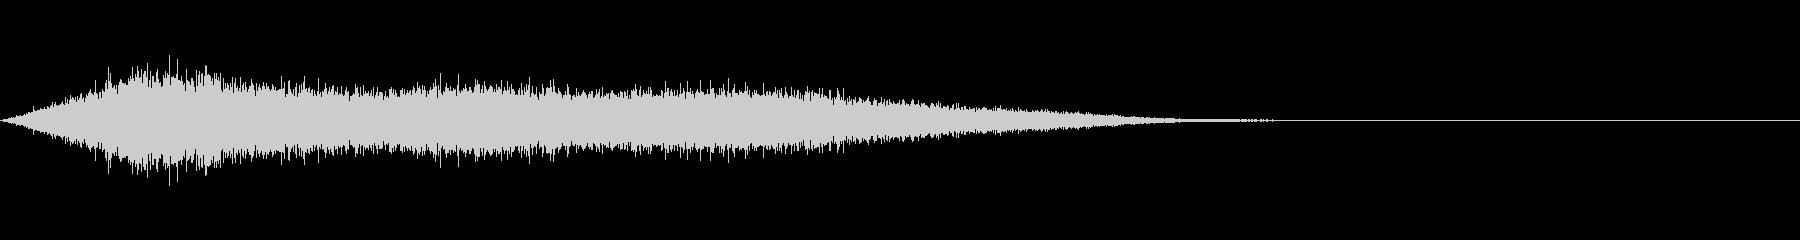 ワァーキャー!コンサートやライブの歓声3の未再生の波形